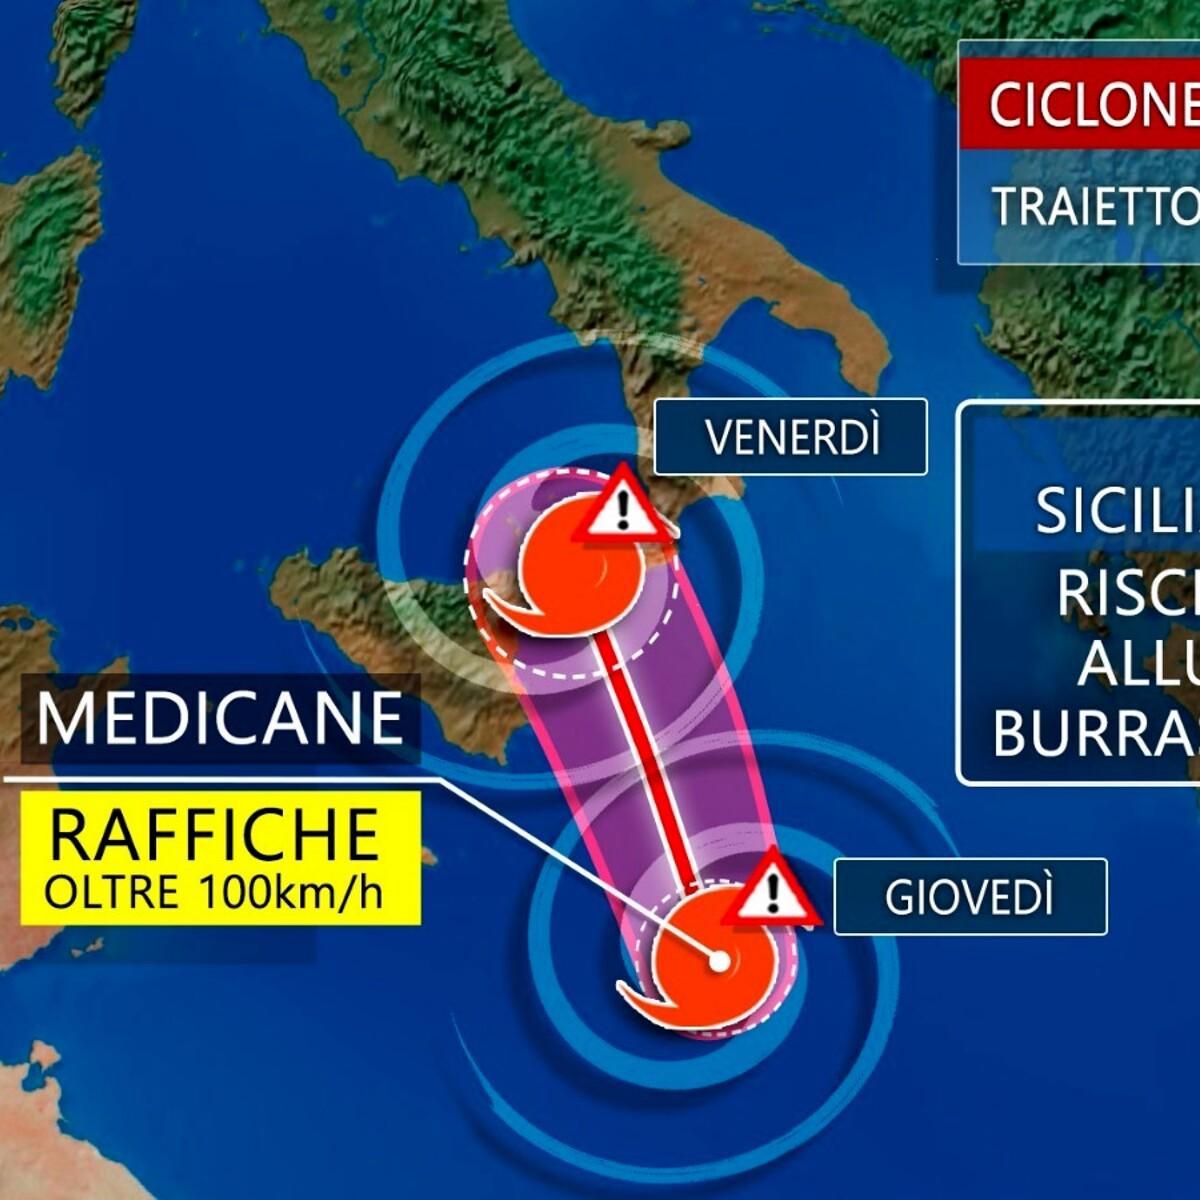 """Il ciclone mediterraneo """"Medicane"""" fa paura: le previsioni per i prossimi giorni"""